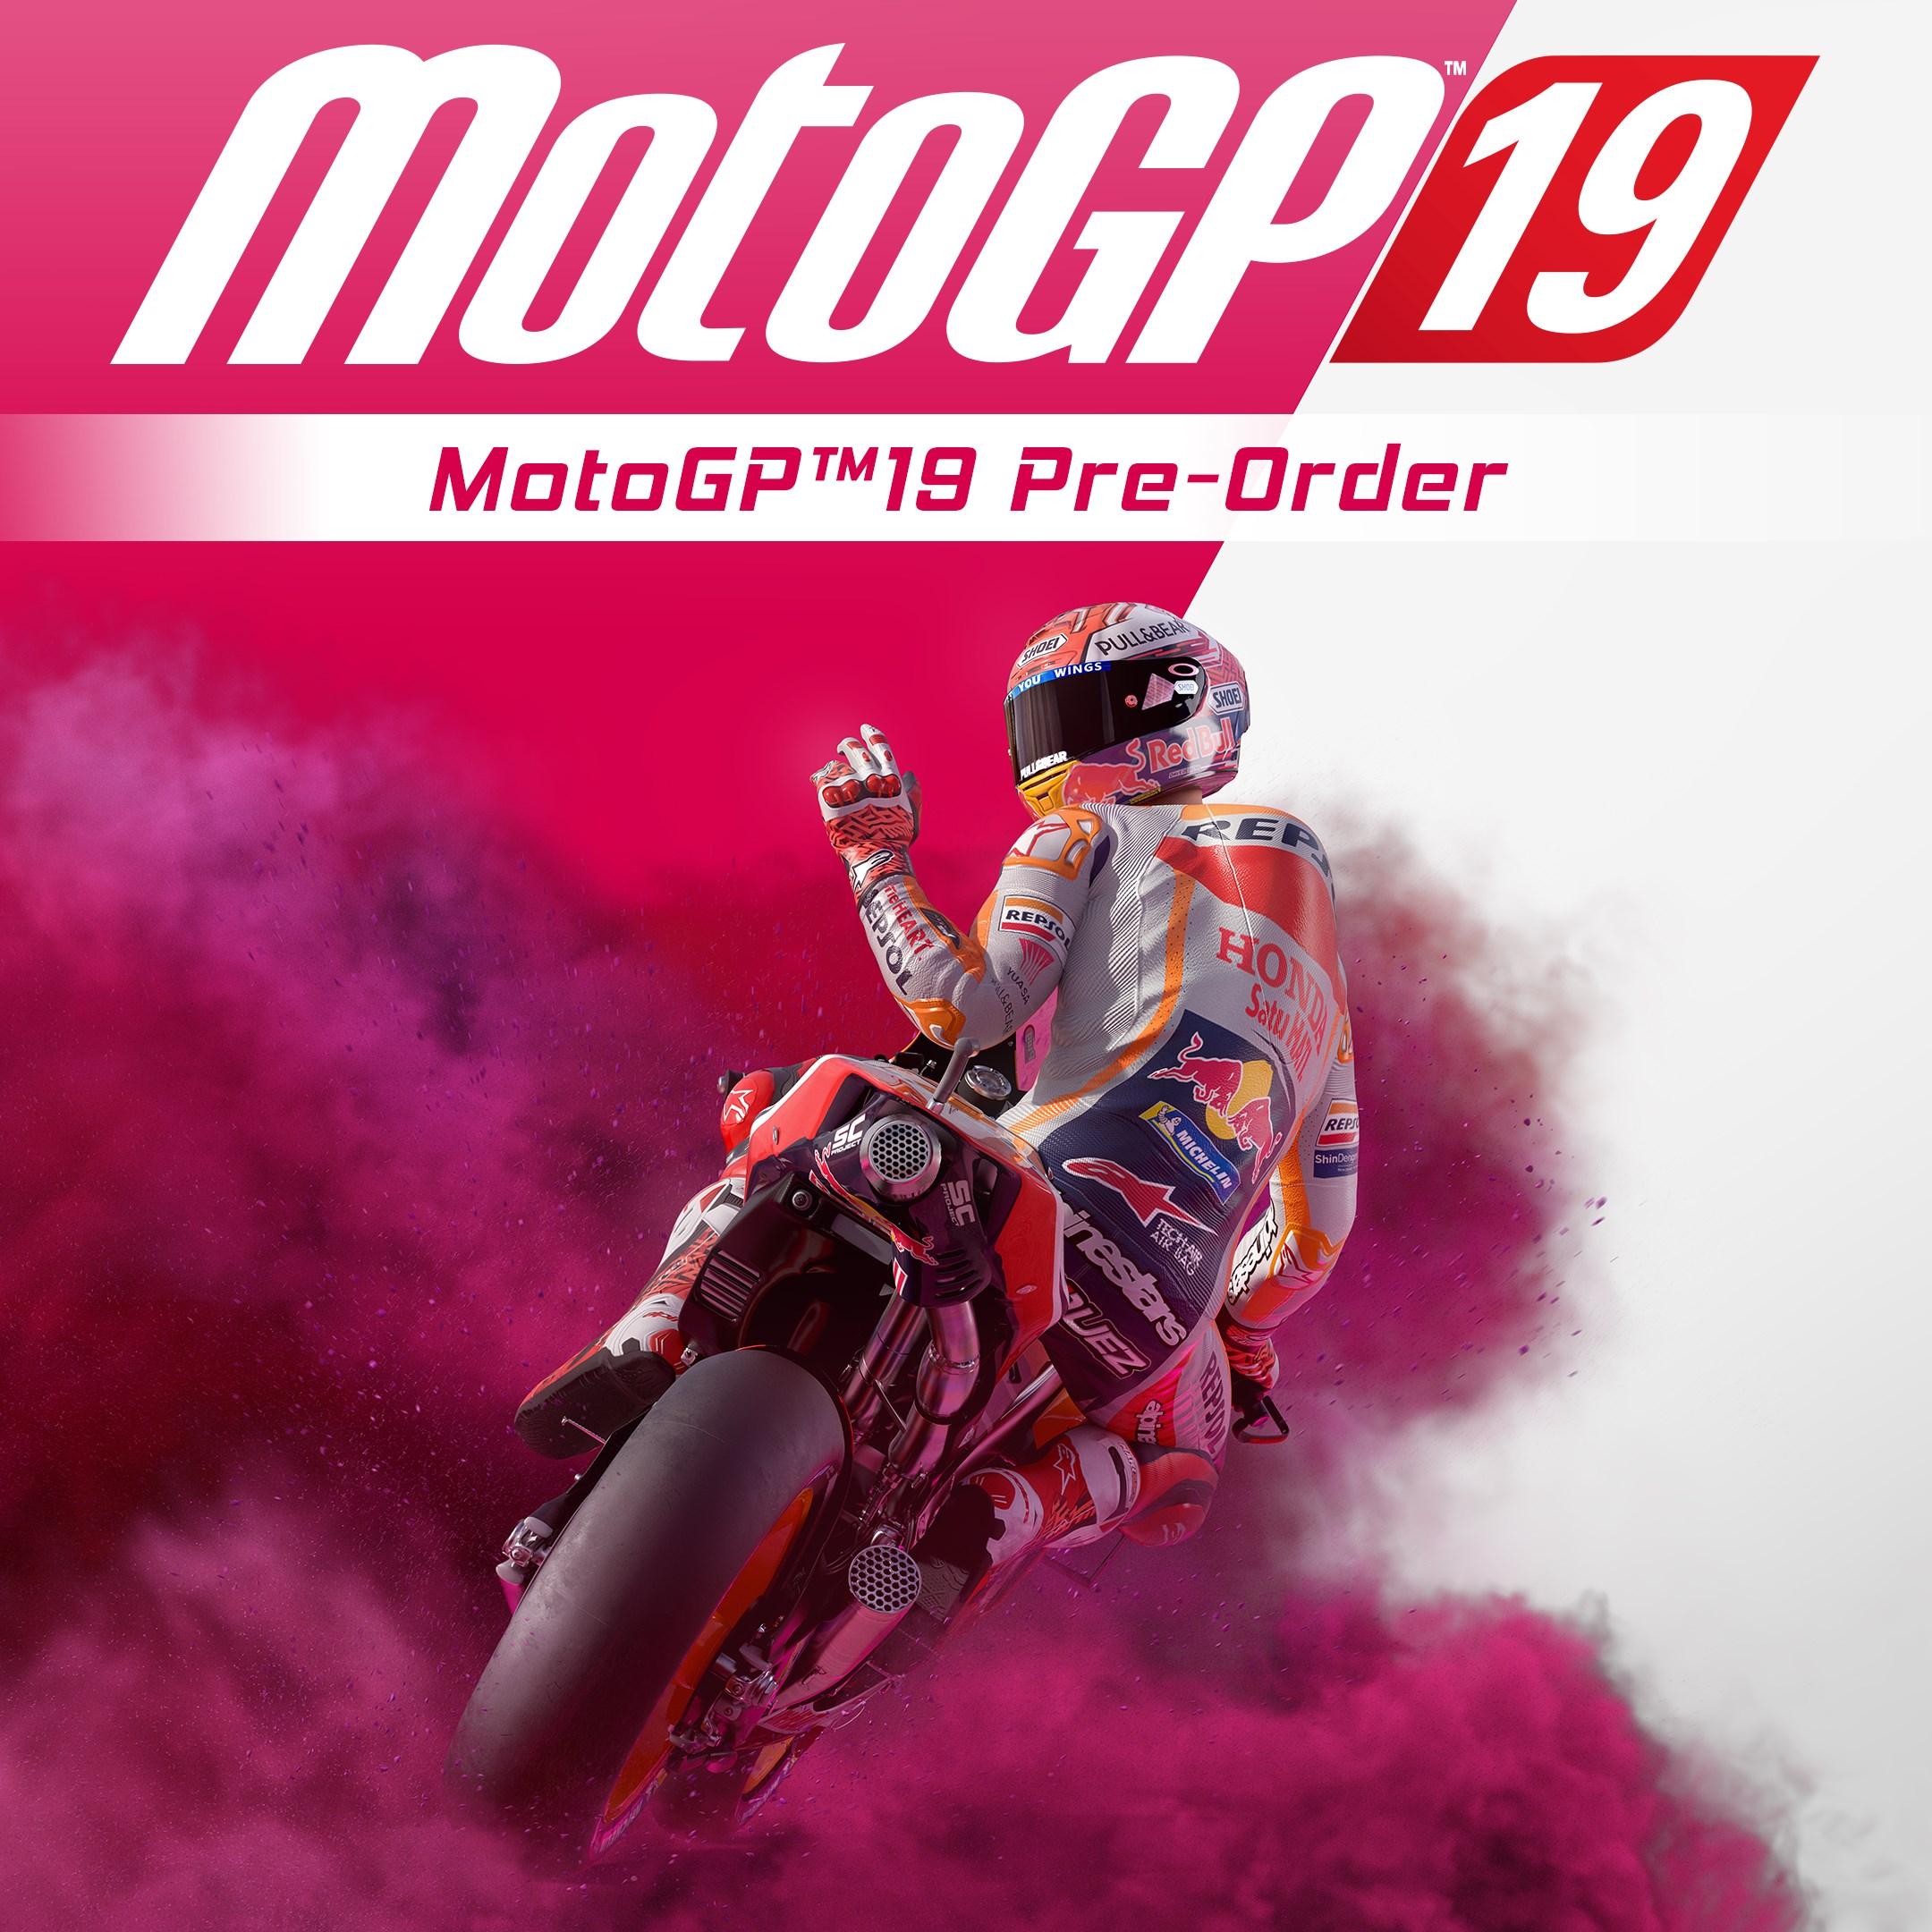 Motogp 19 — Pre-Order